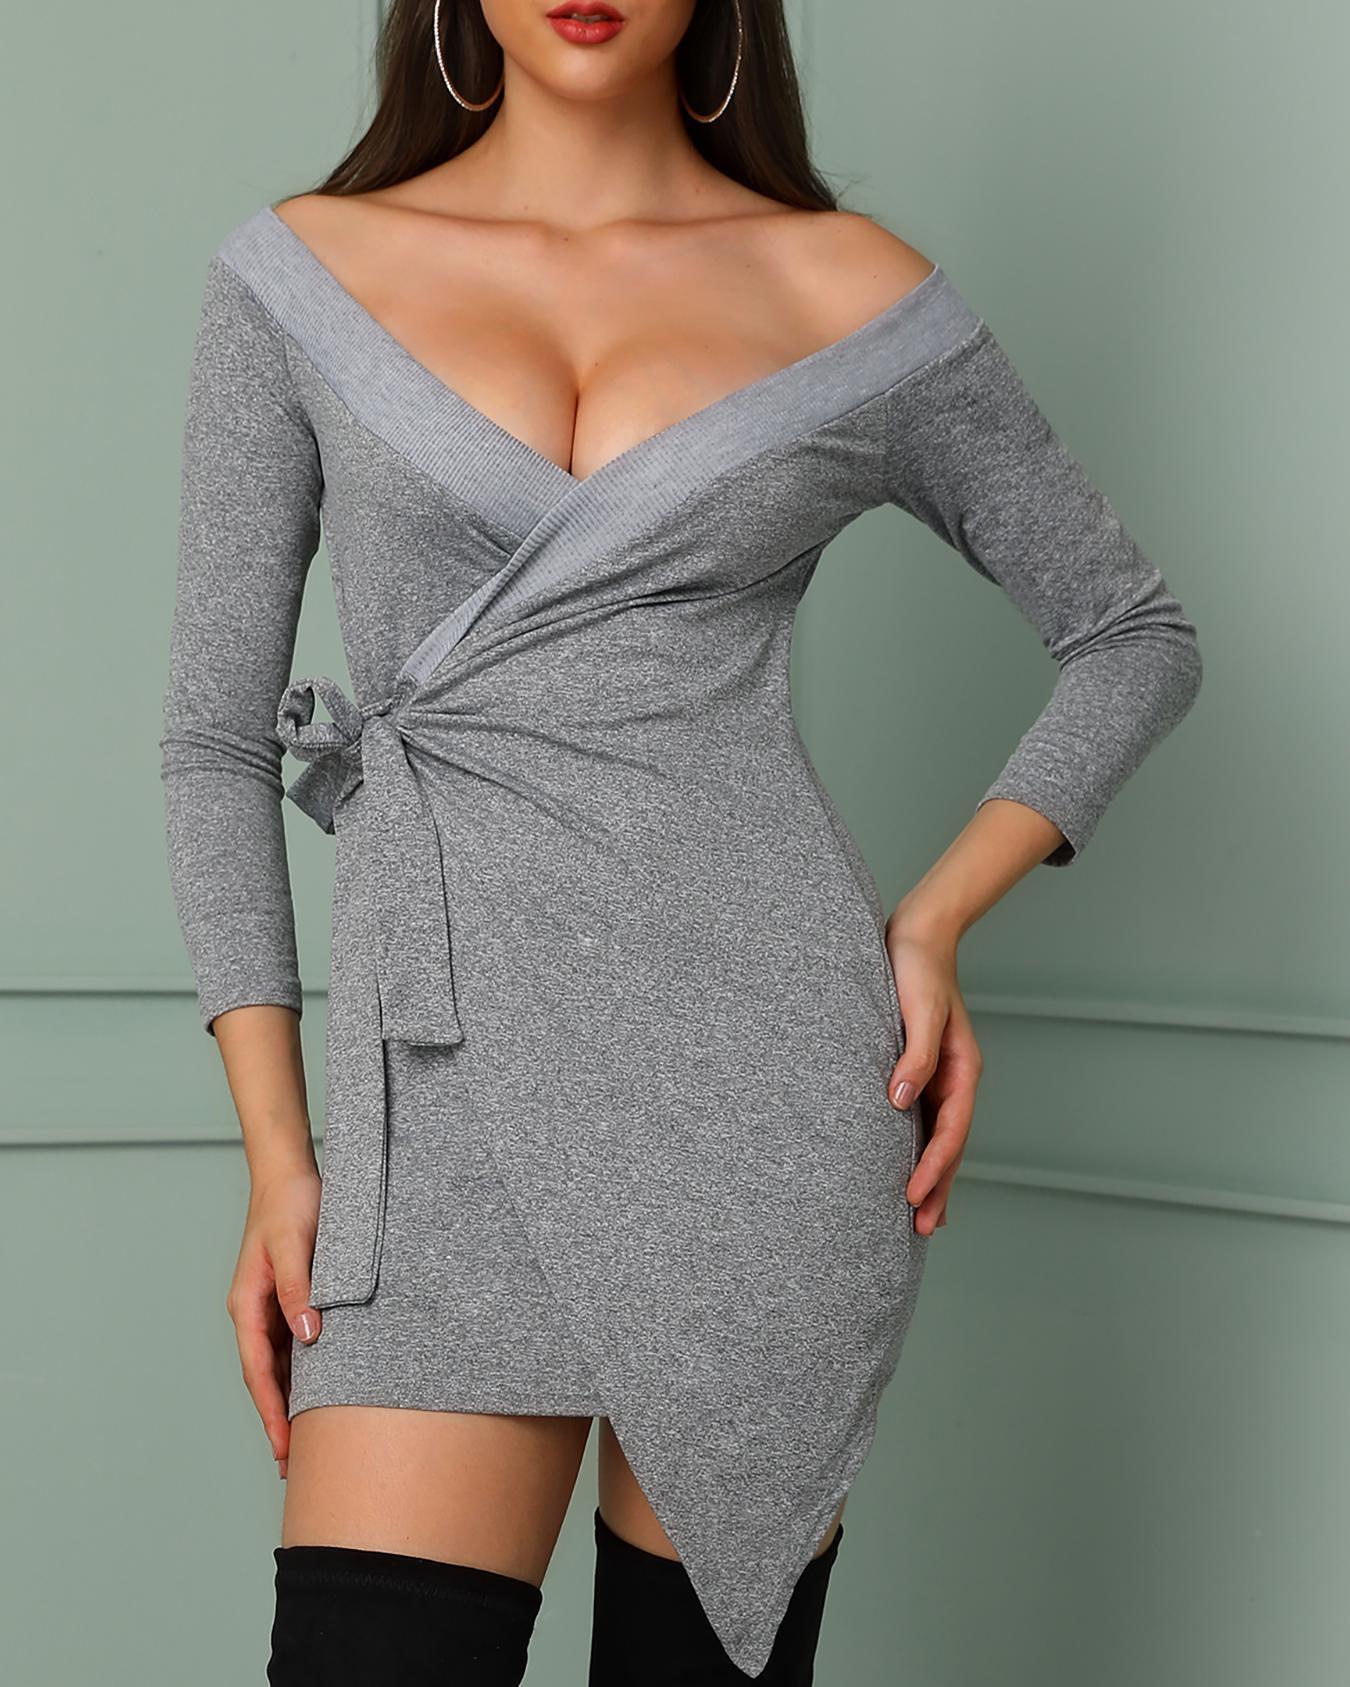 chicme / Fora do ombro amarrado cintura bodycon wrap dress